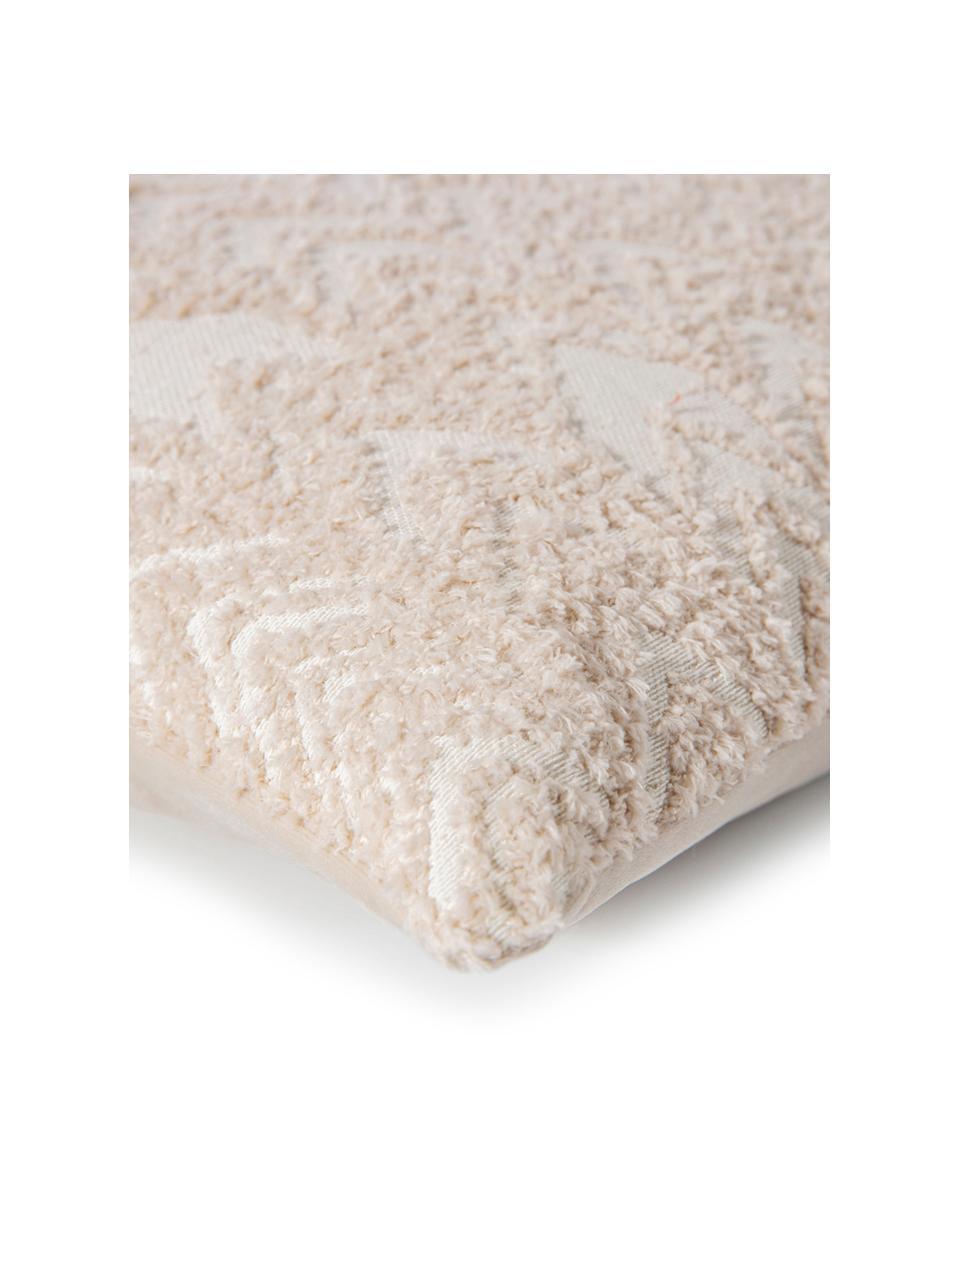 Federa arredo con motivo a rilievo Tilas, Retro: velluto di poliestere, Beige, crema, Larg. 40 x Lung. 40 cm